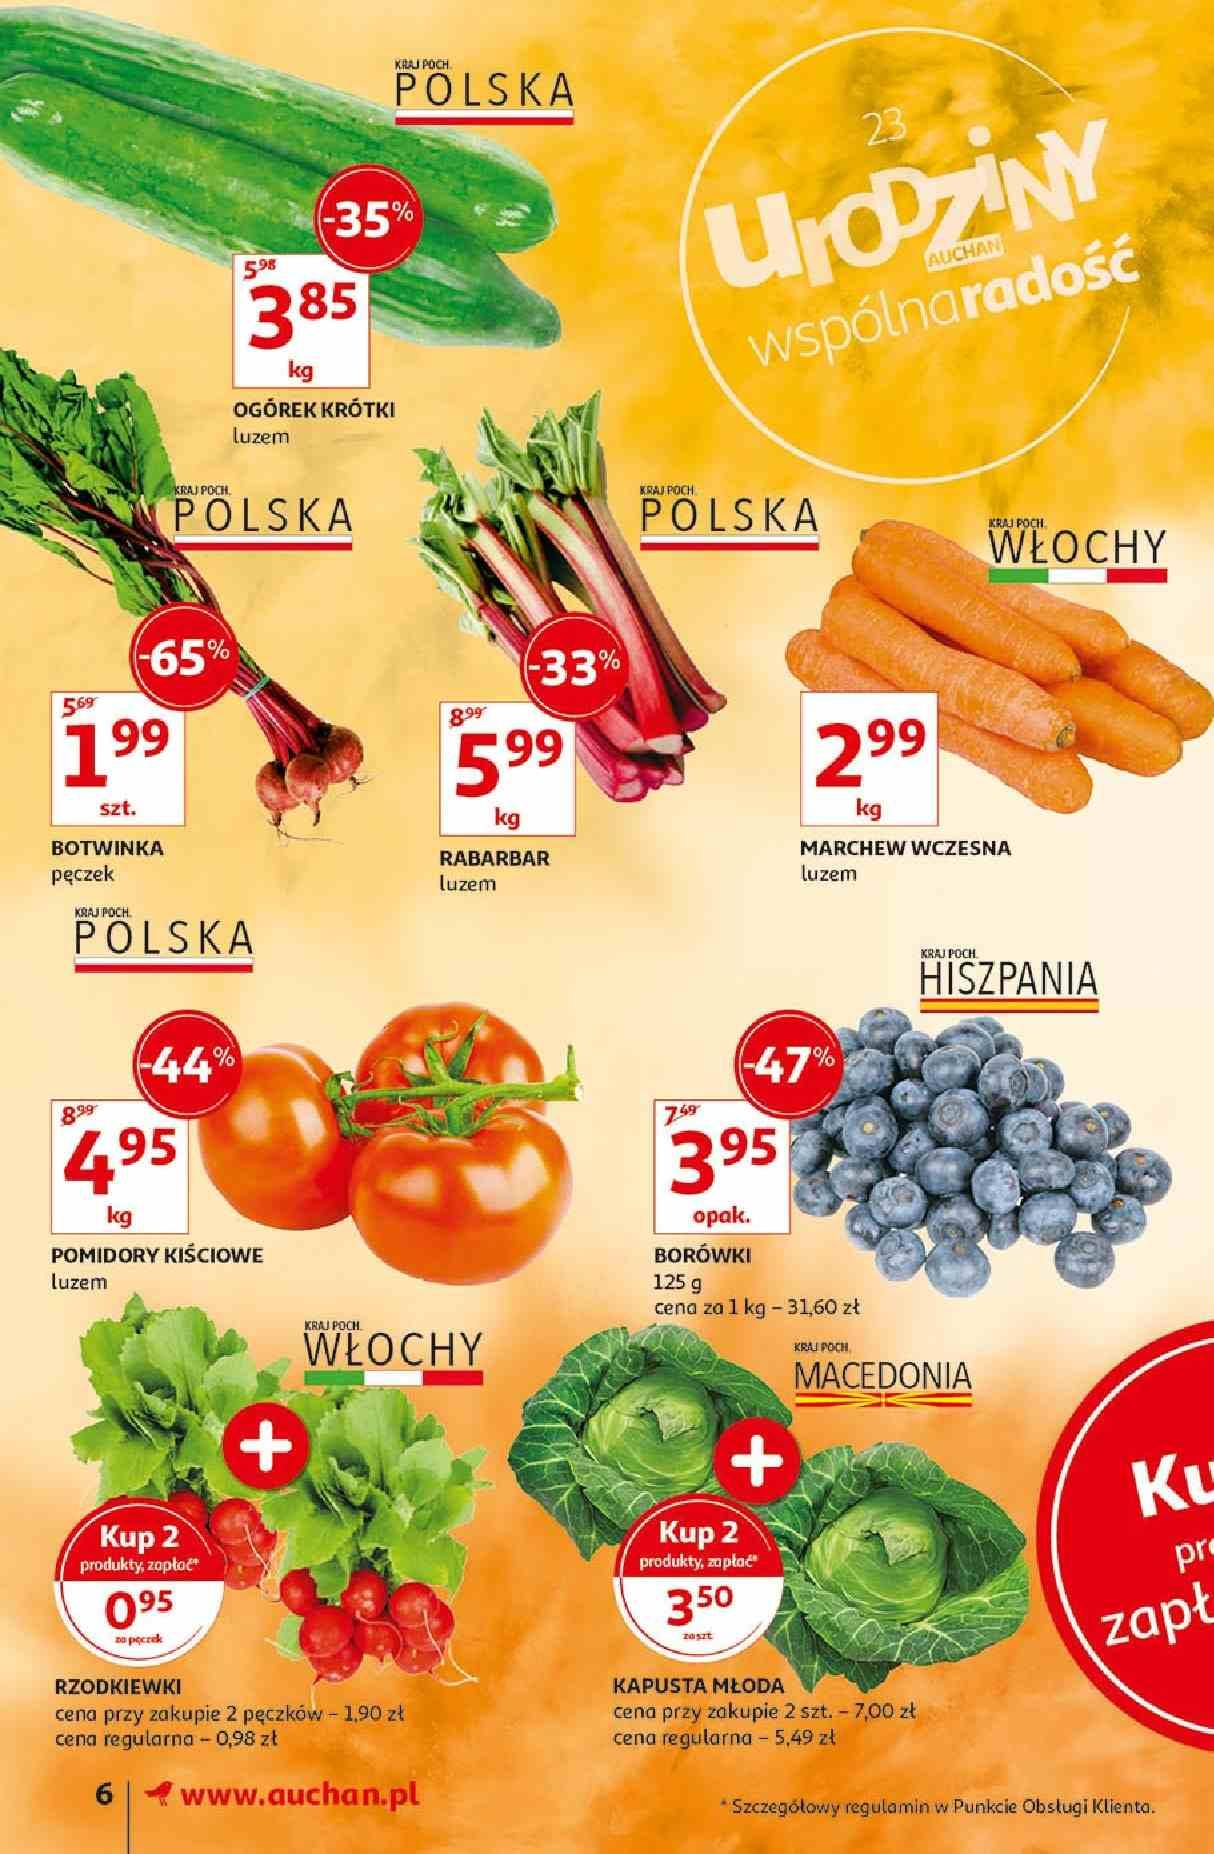 Gazetka promocyjna Auchan do 15/05/2019 str.6